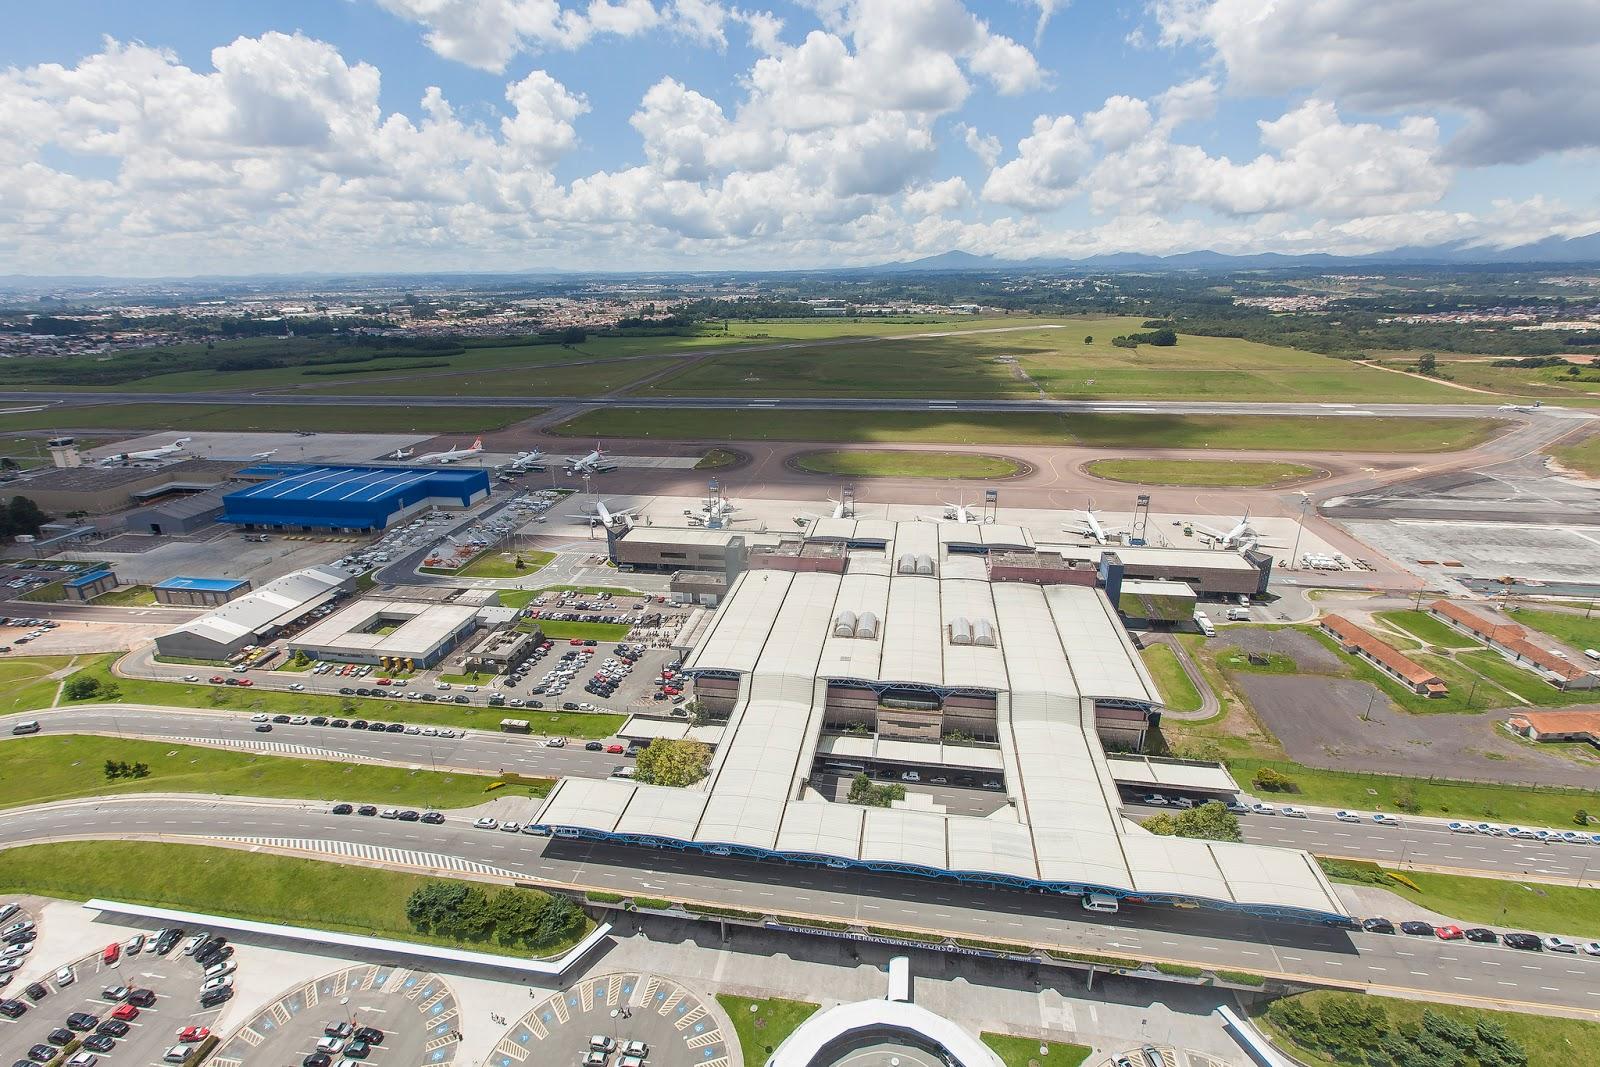 Aeroporto Afonso Pena ganha pela terceira vez o prêmio Aeroportos + Brasil 2018 | Foto © Infraero / Divulgação